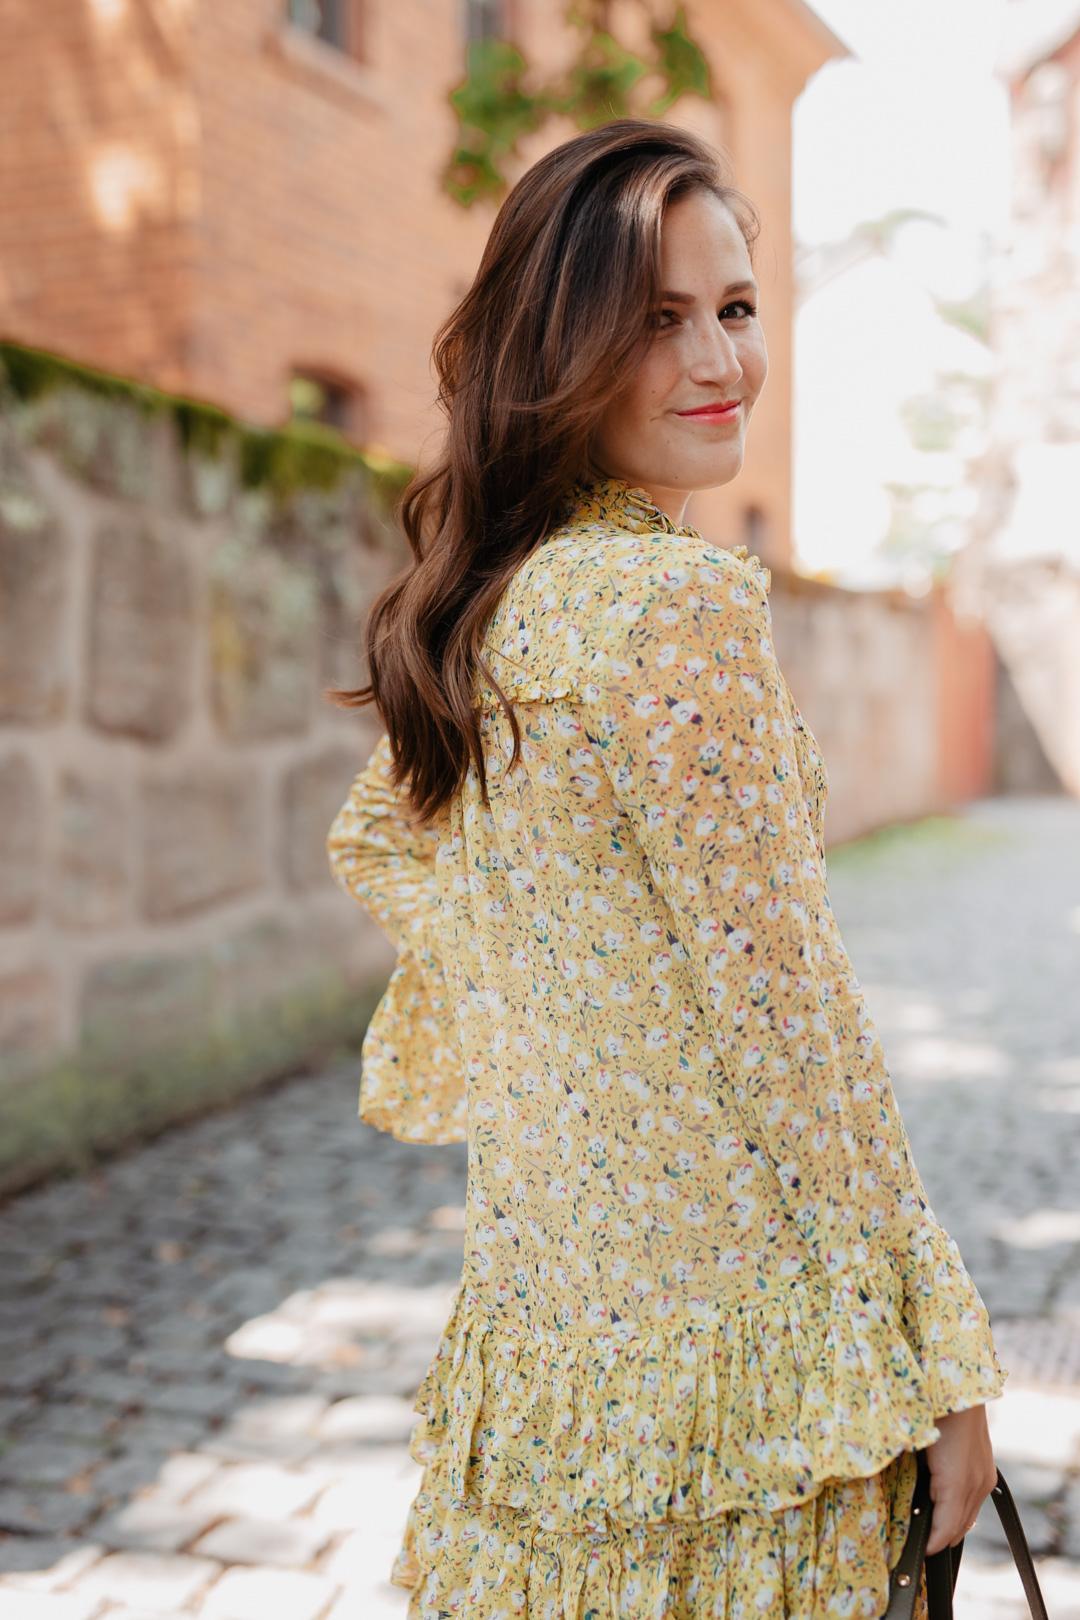 Bye Sommer hallo Herbst - www.piecesofmariposa.com | Fashion und Lifestyle Blog aus Nürnberg